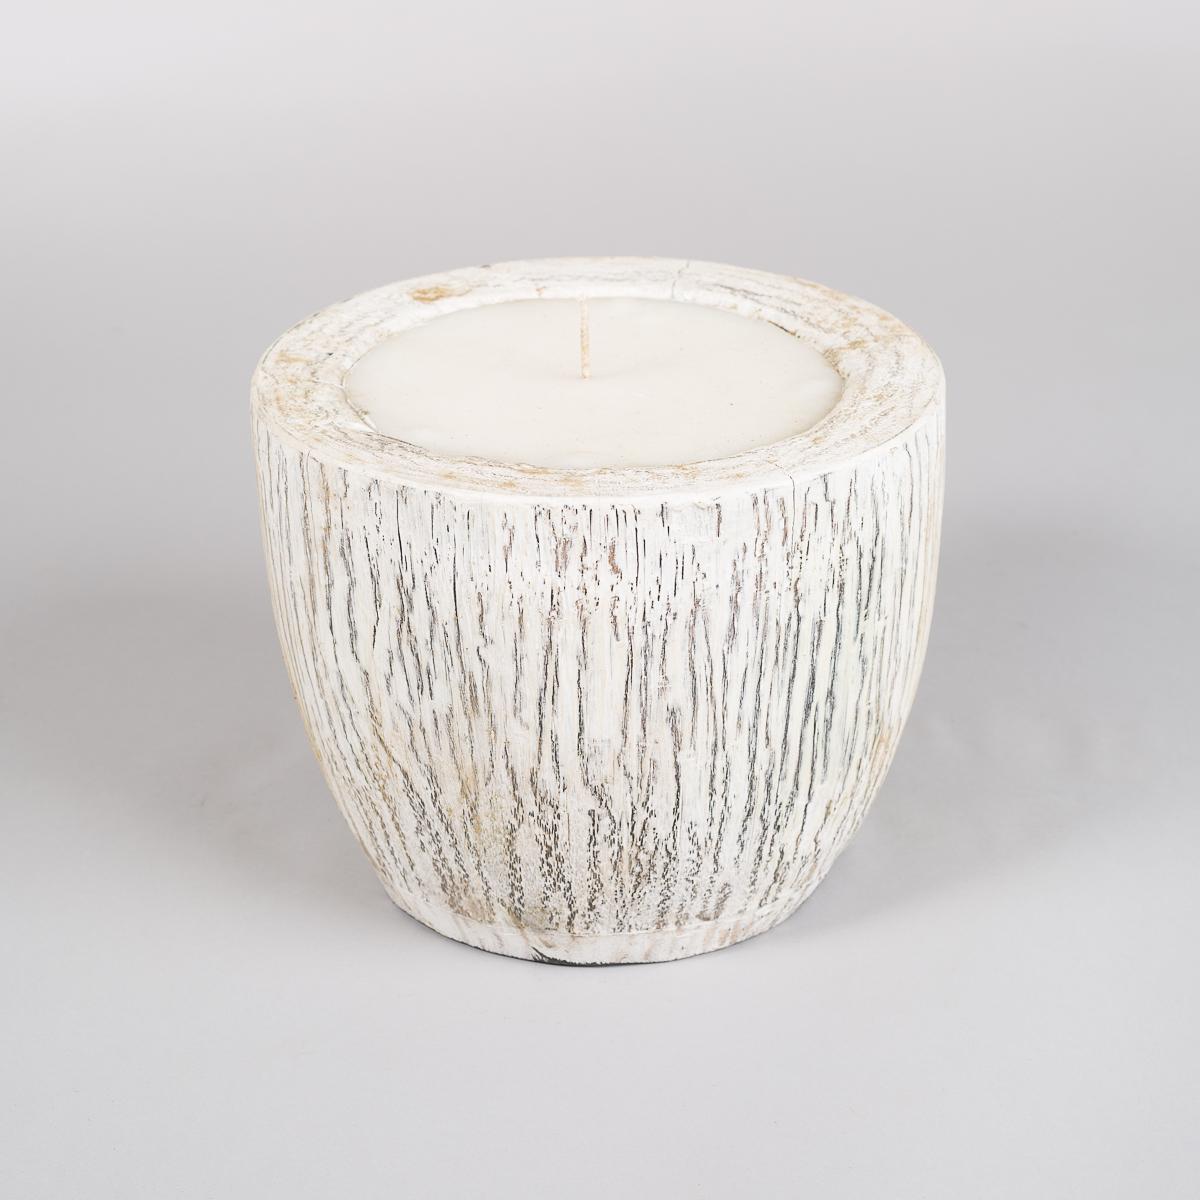 Uthult Palme krukke med Stearin lys, høyde 21 cm-0